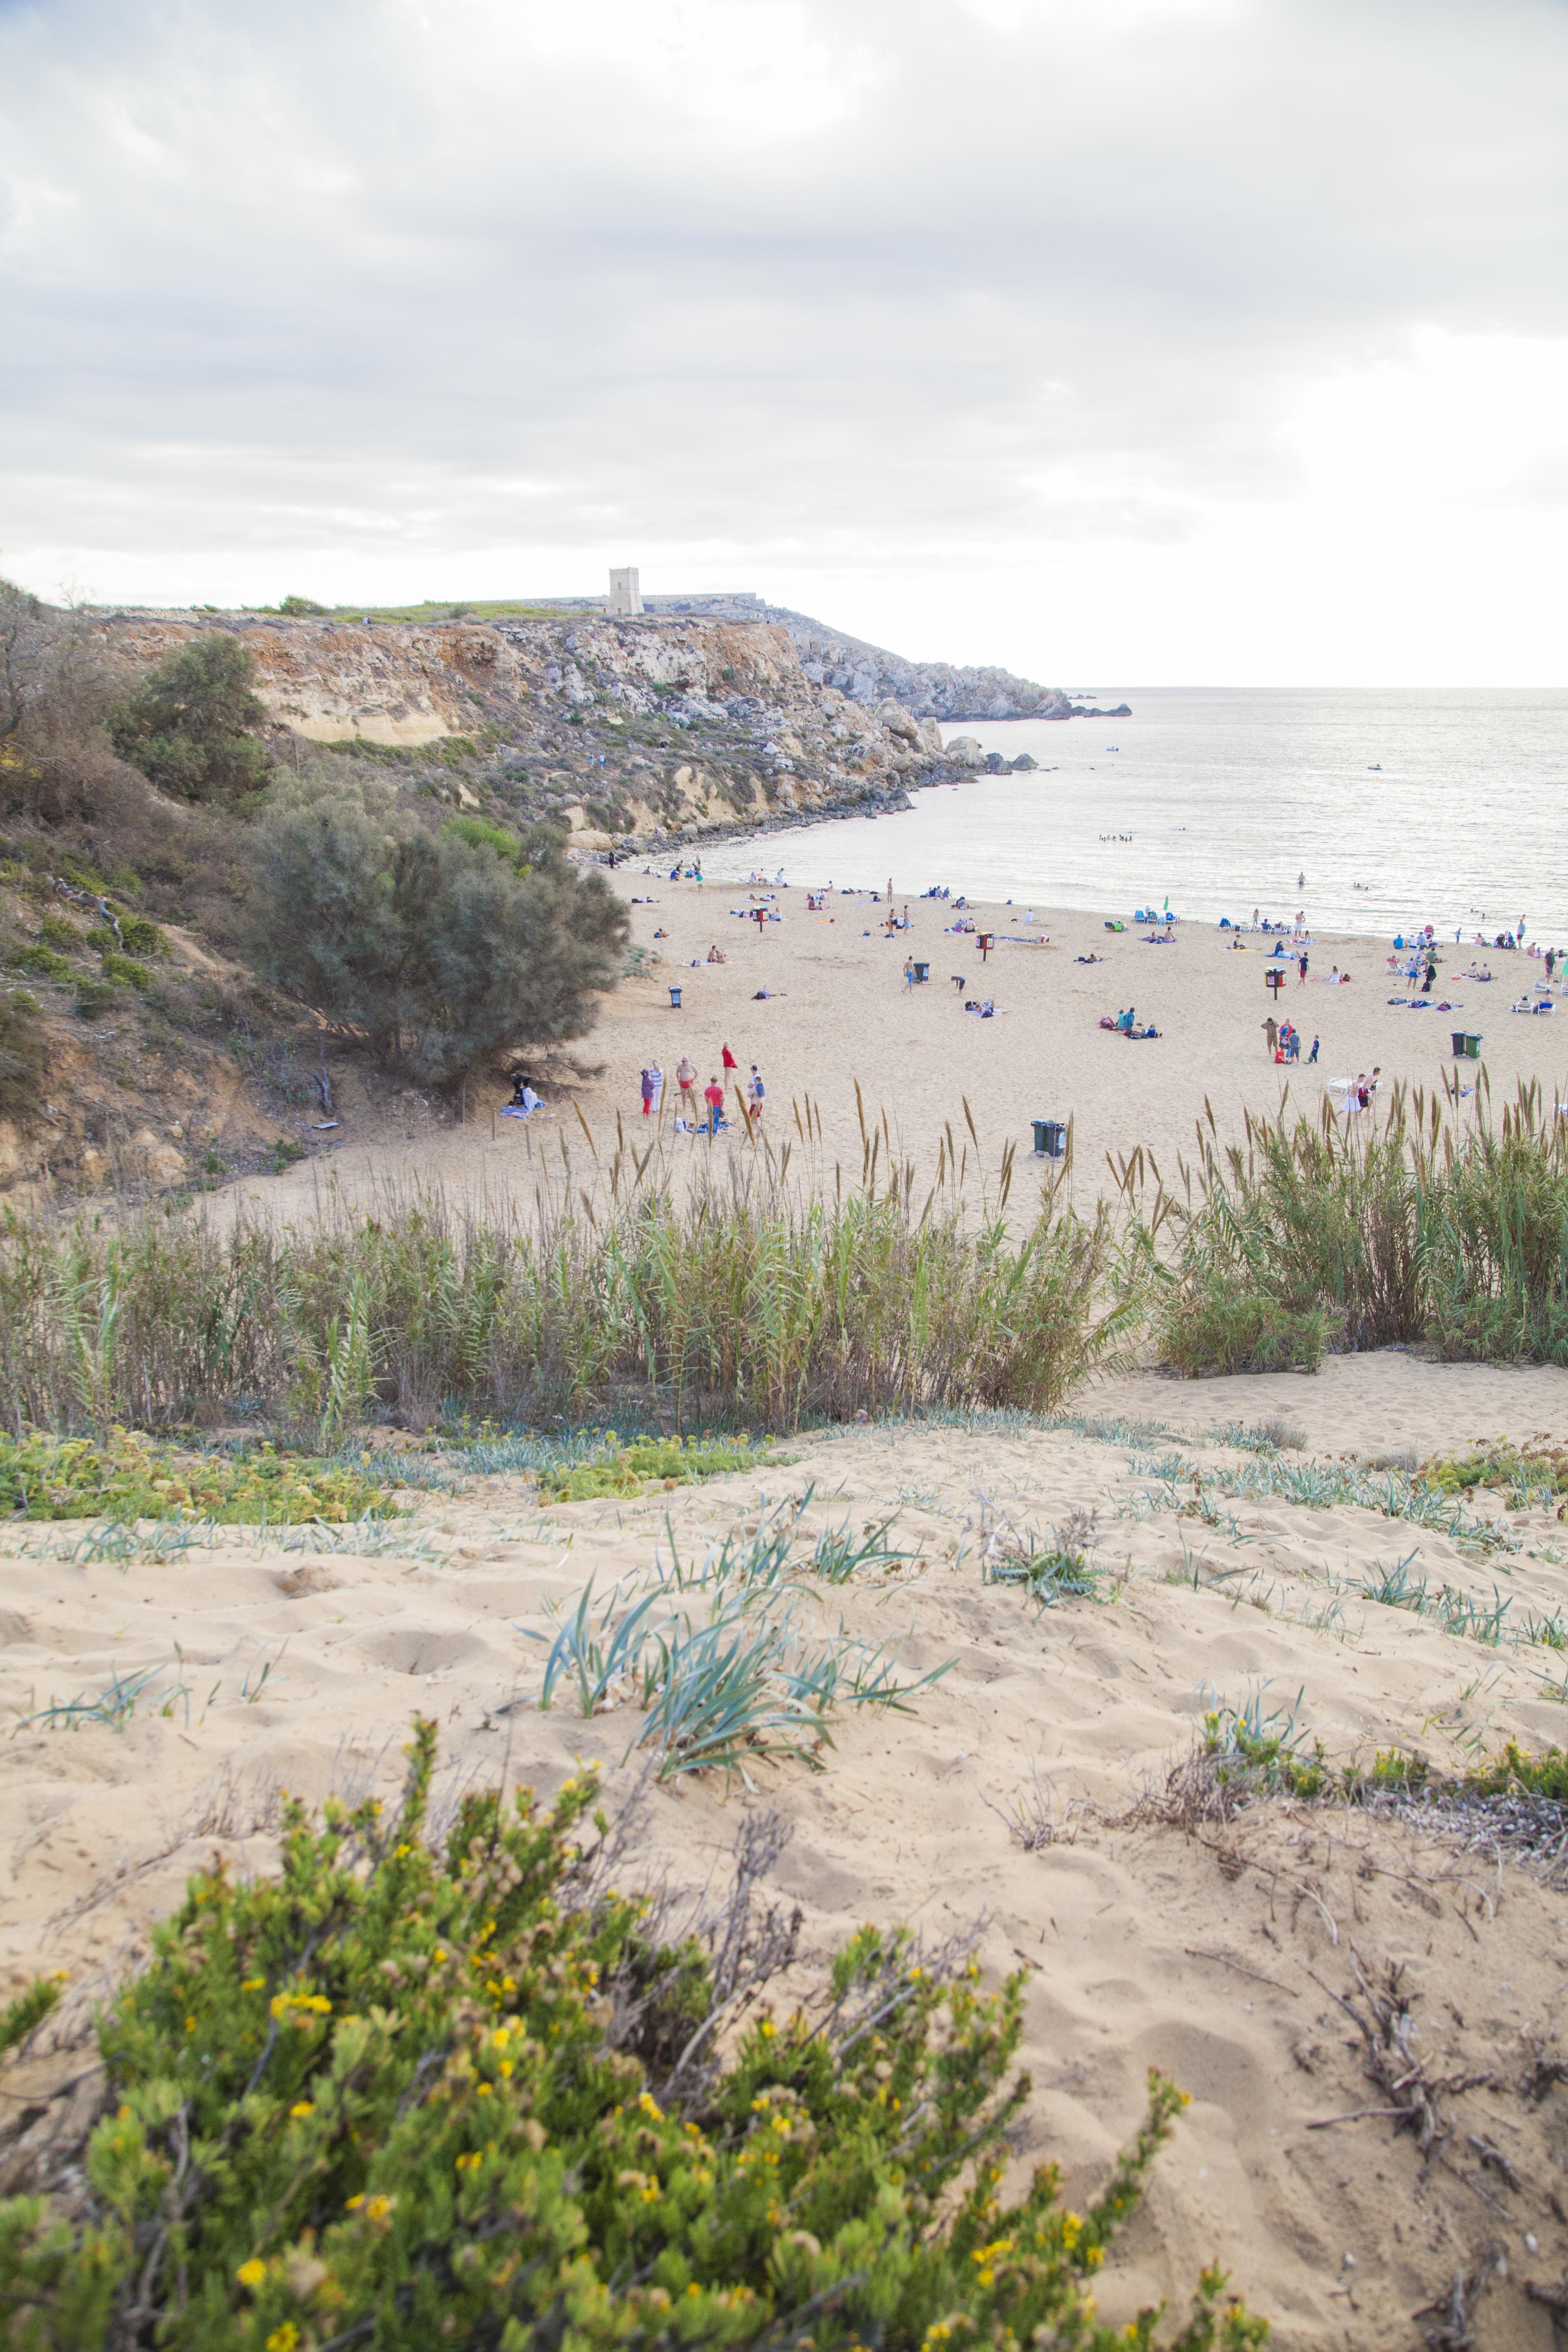 spiagge di malta, spiaggia a malta, malta spiagge